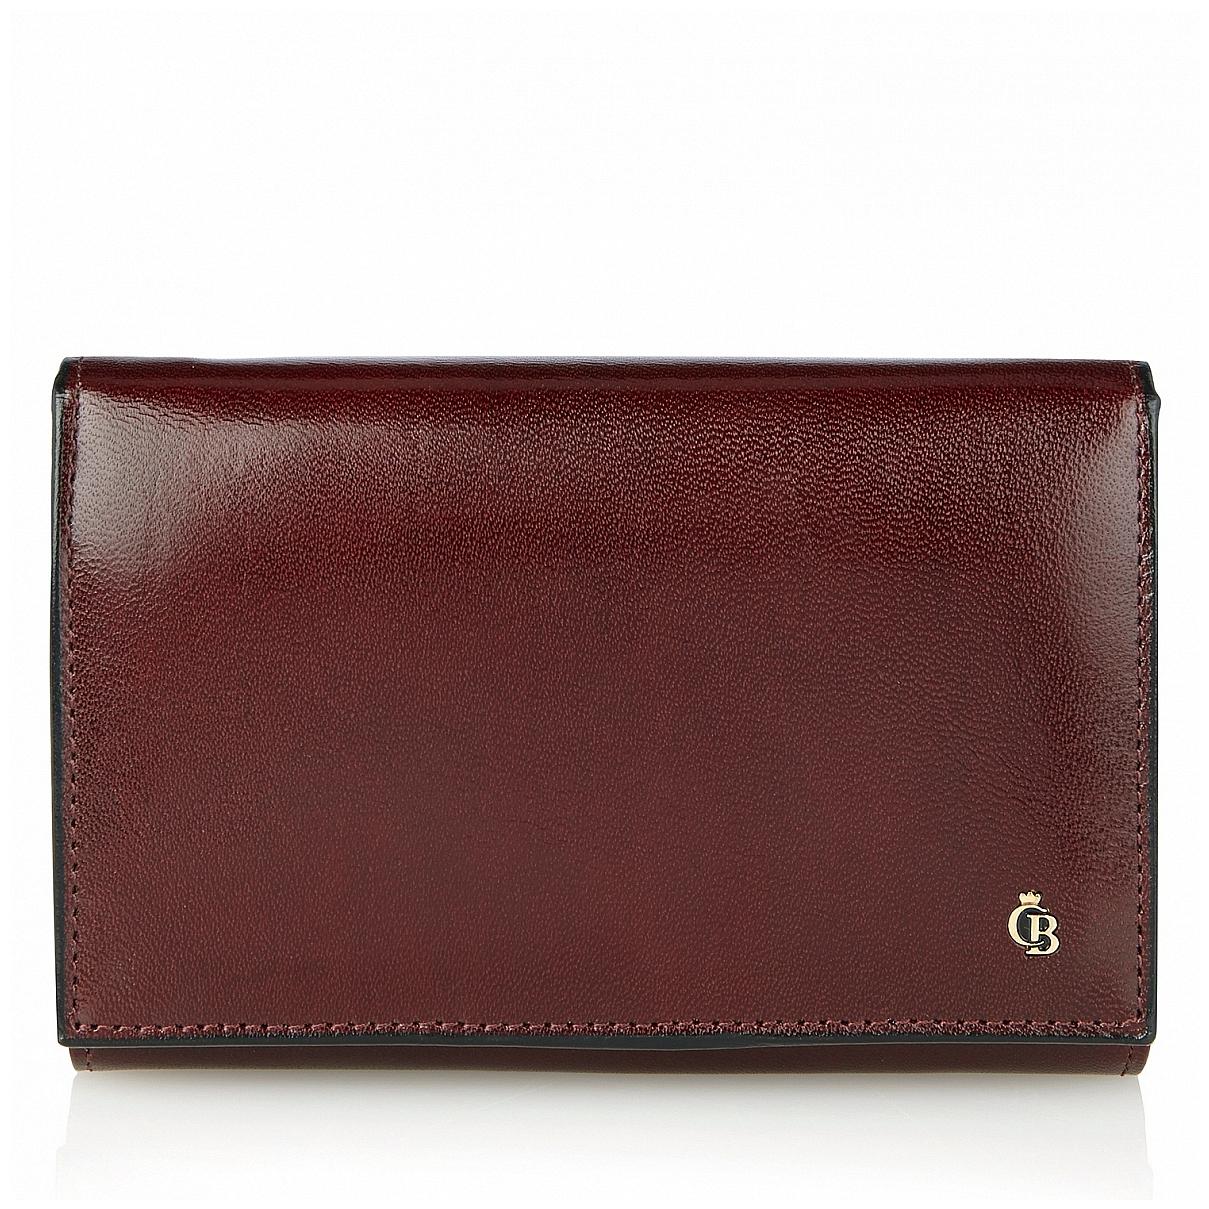 Castelijn & Beerens Dámská kožená peněženka 442121 BO bordó